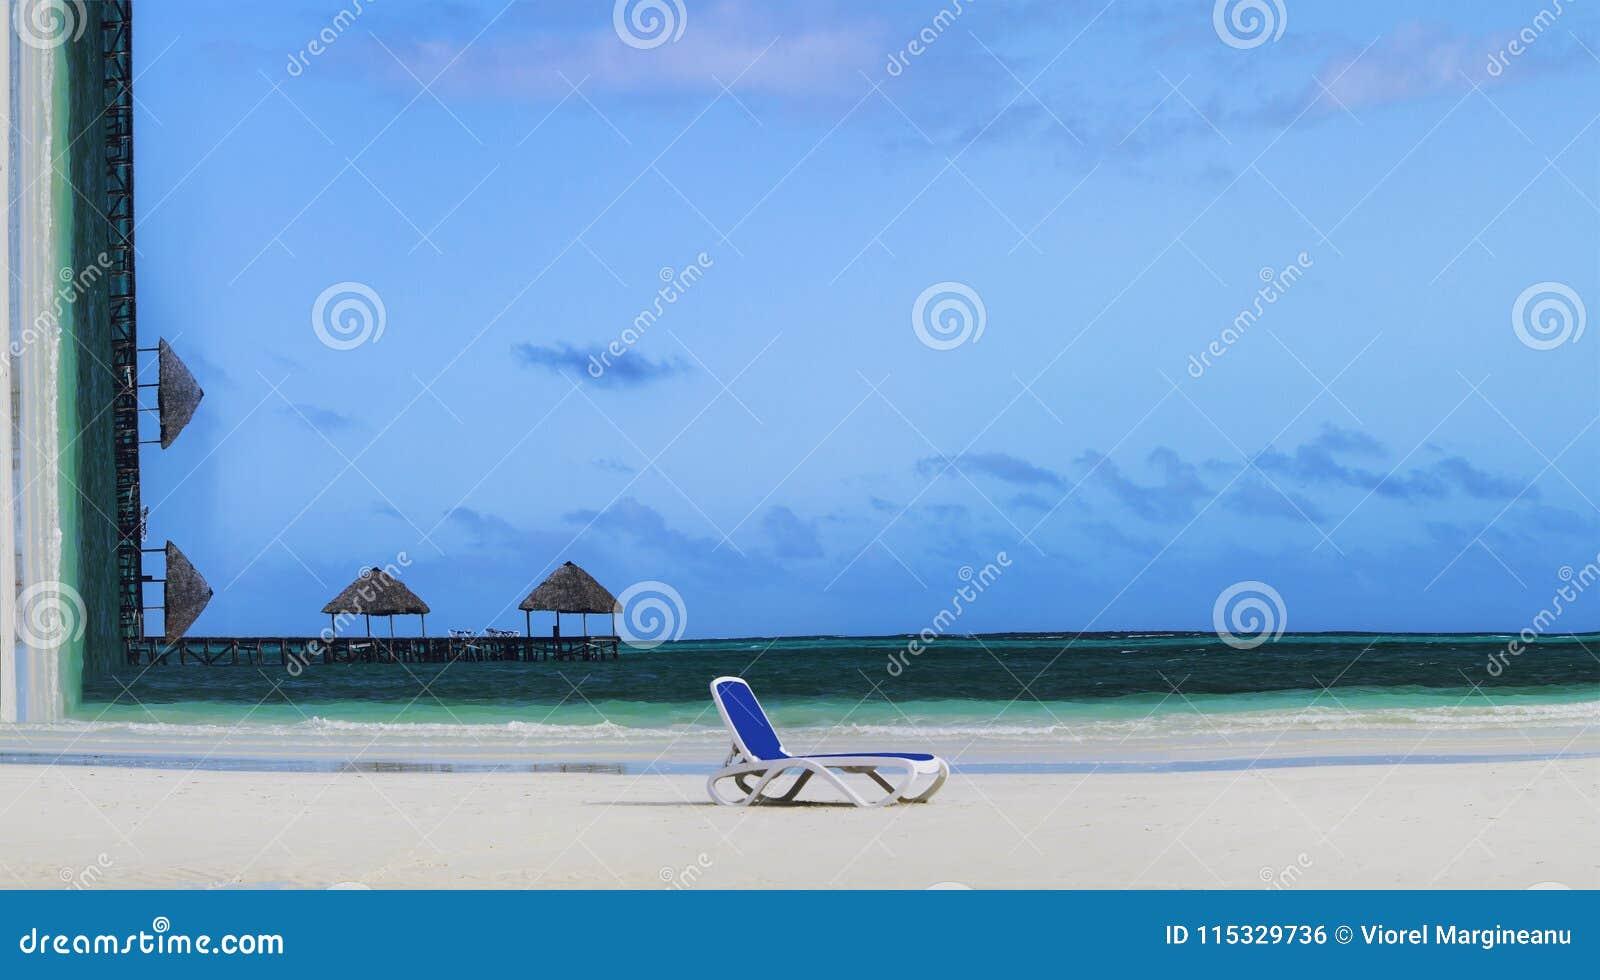 Concetto di vacanze estive Immagine concettuale della spiaggia tropicale con la sedia di salotto sulla sabbia e gli ombrelloni su